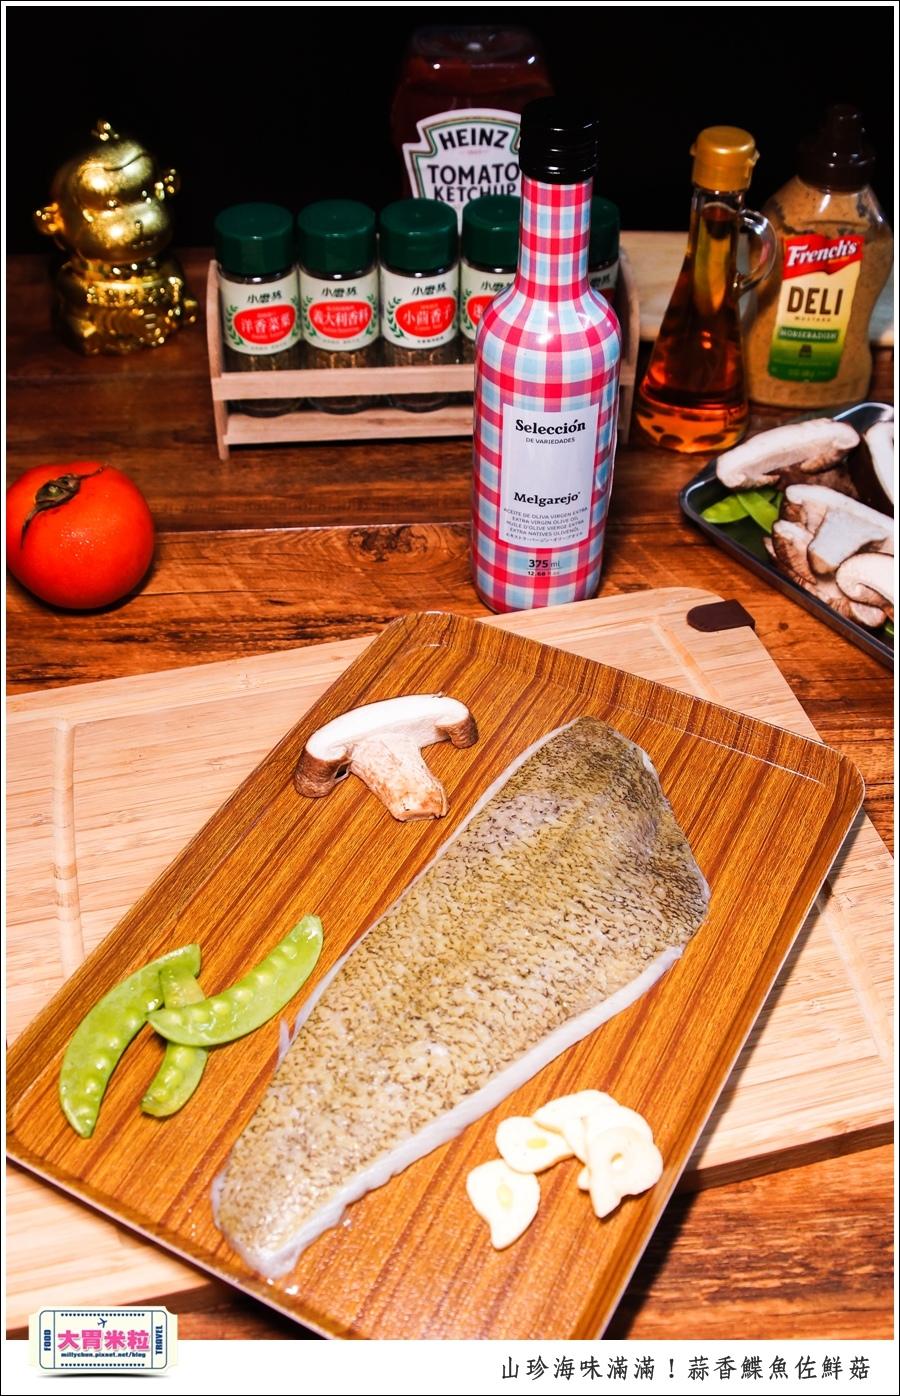 蒜香鰈魚佐鮮菇@梅爾雷赫頂級初榨橄欖油食譜推薦@大胃米粒0007.jpg